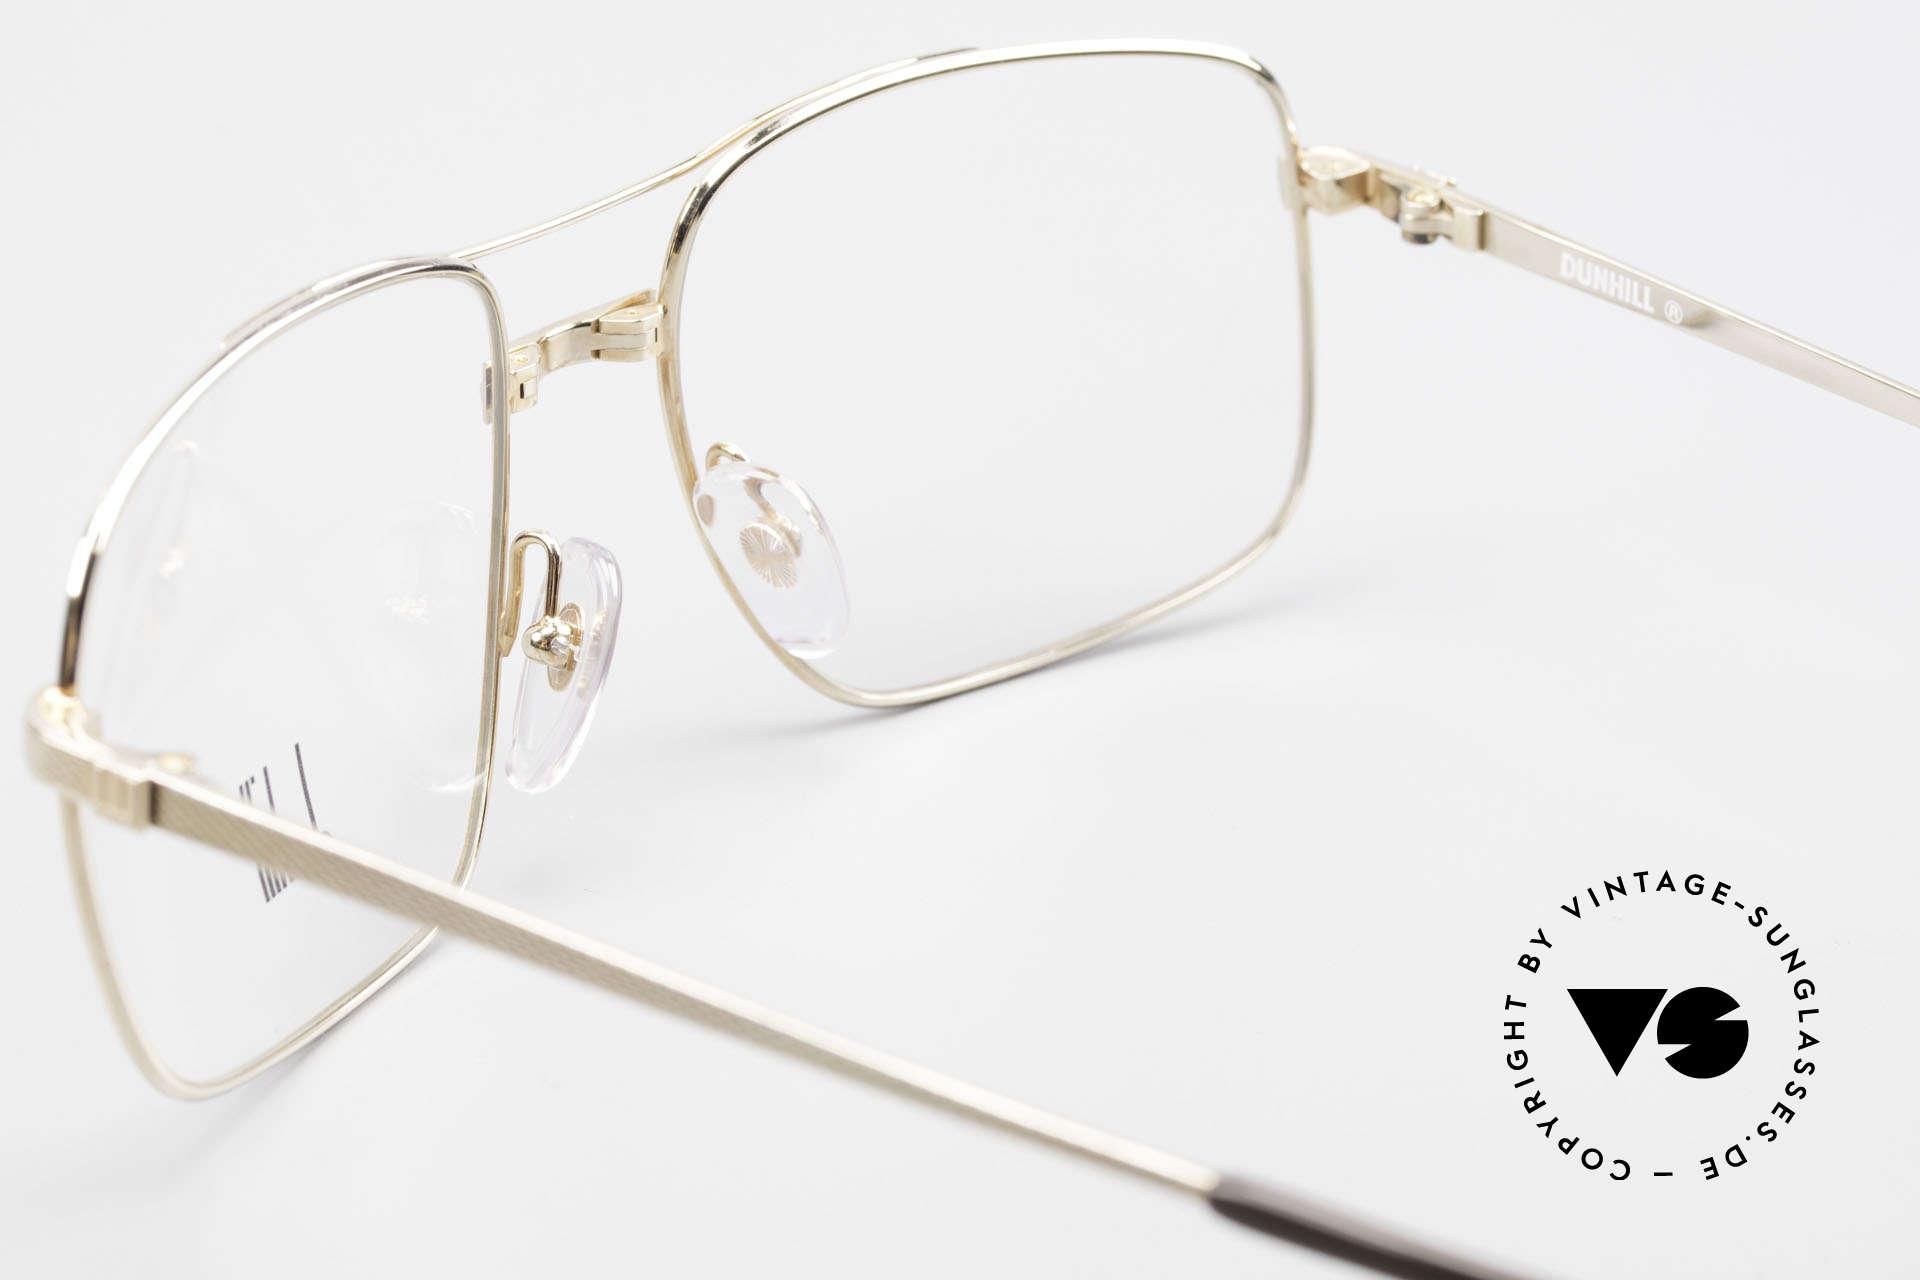 Dunhill 6048 Vergoldete 80er Brille Herren, KEINE Retrobrille; sondern ein kostbares Original!, Passend für Herren